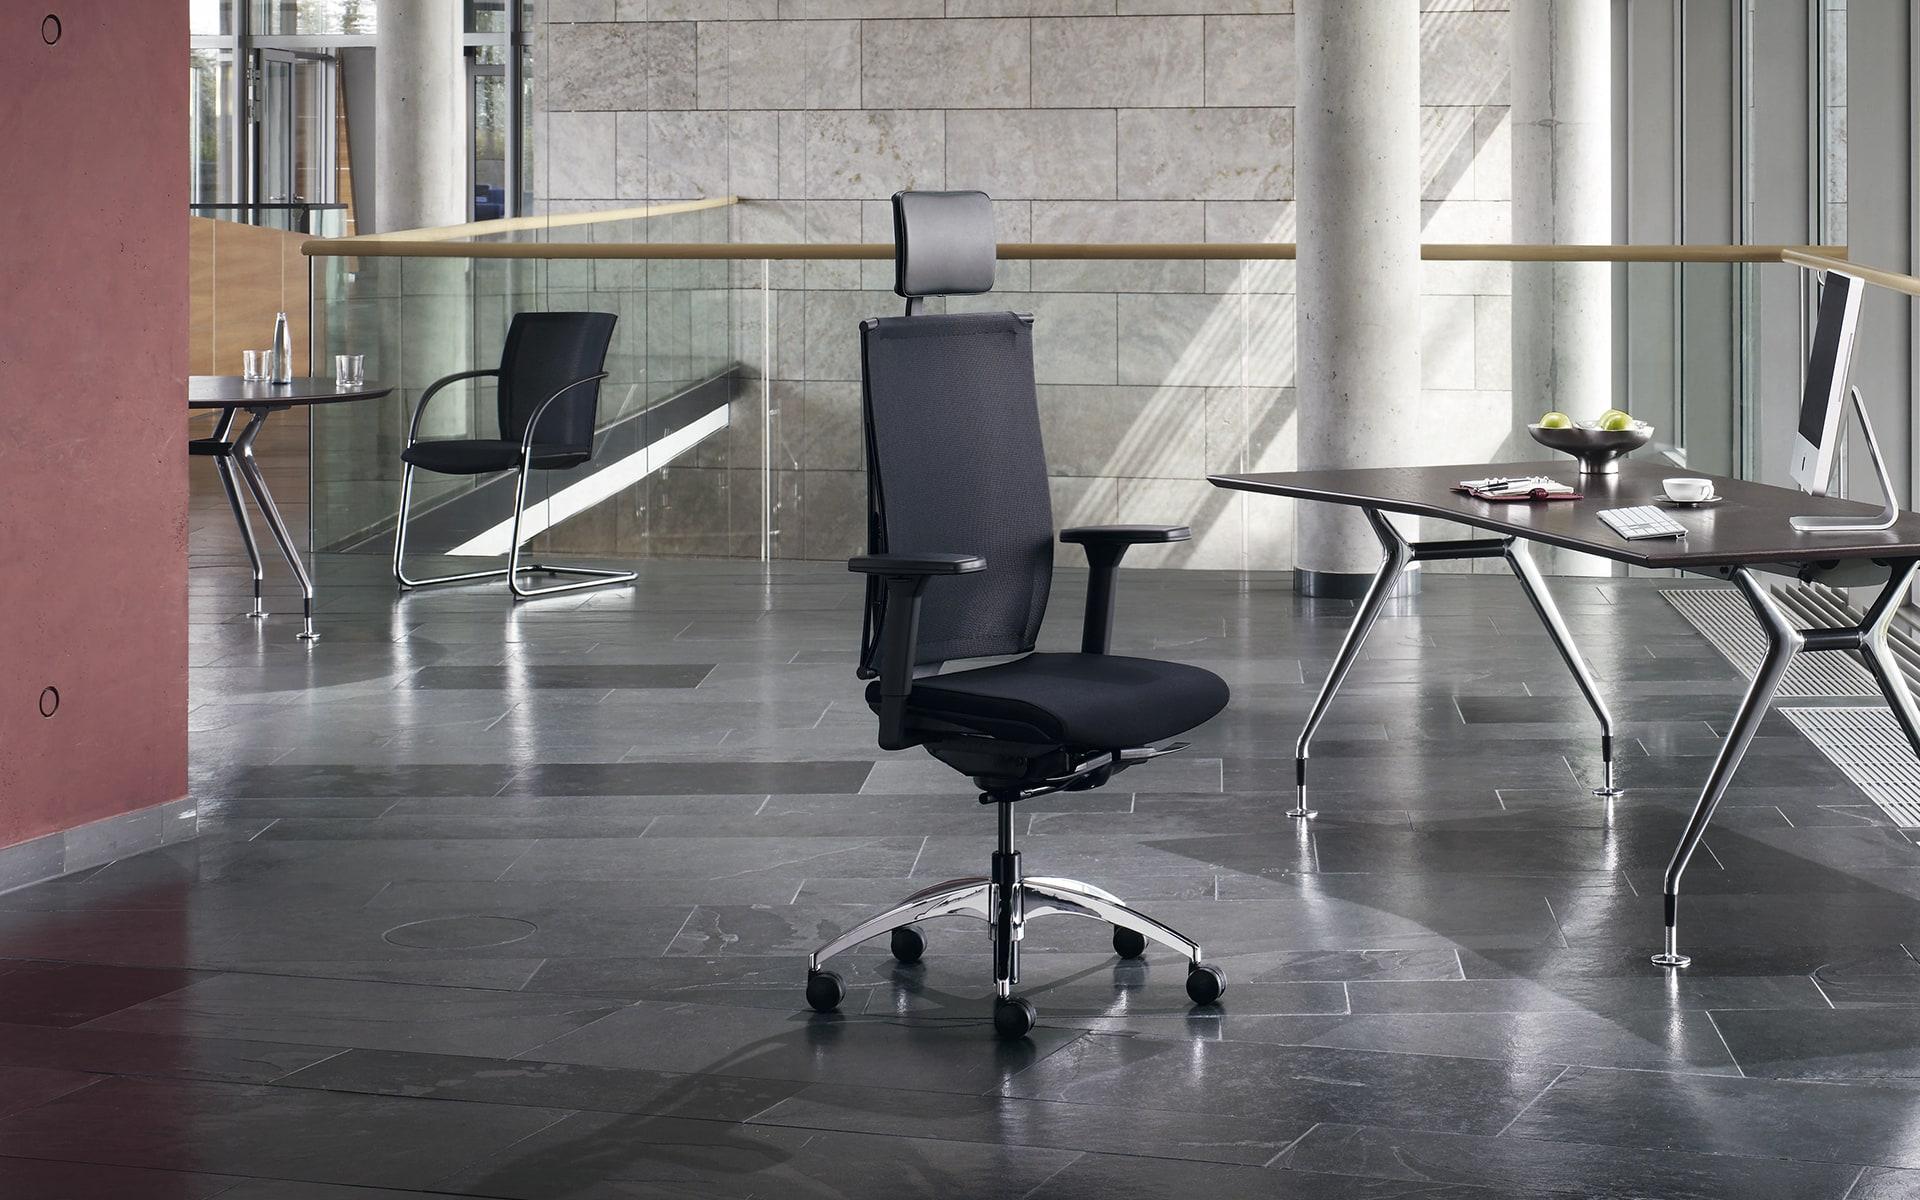 Schwarzer K+N Okay Bürostuhl von ITO Design in elegantem Büro mit dunklen Marmorfliesen